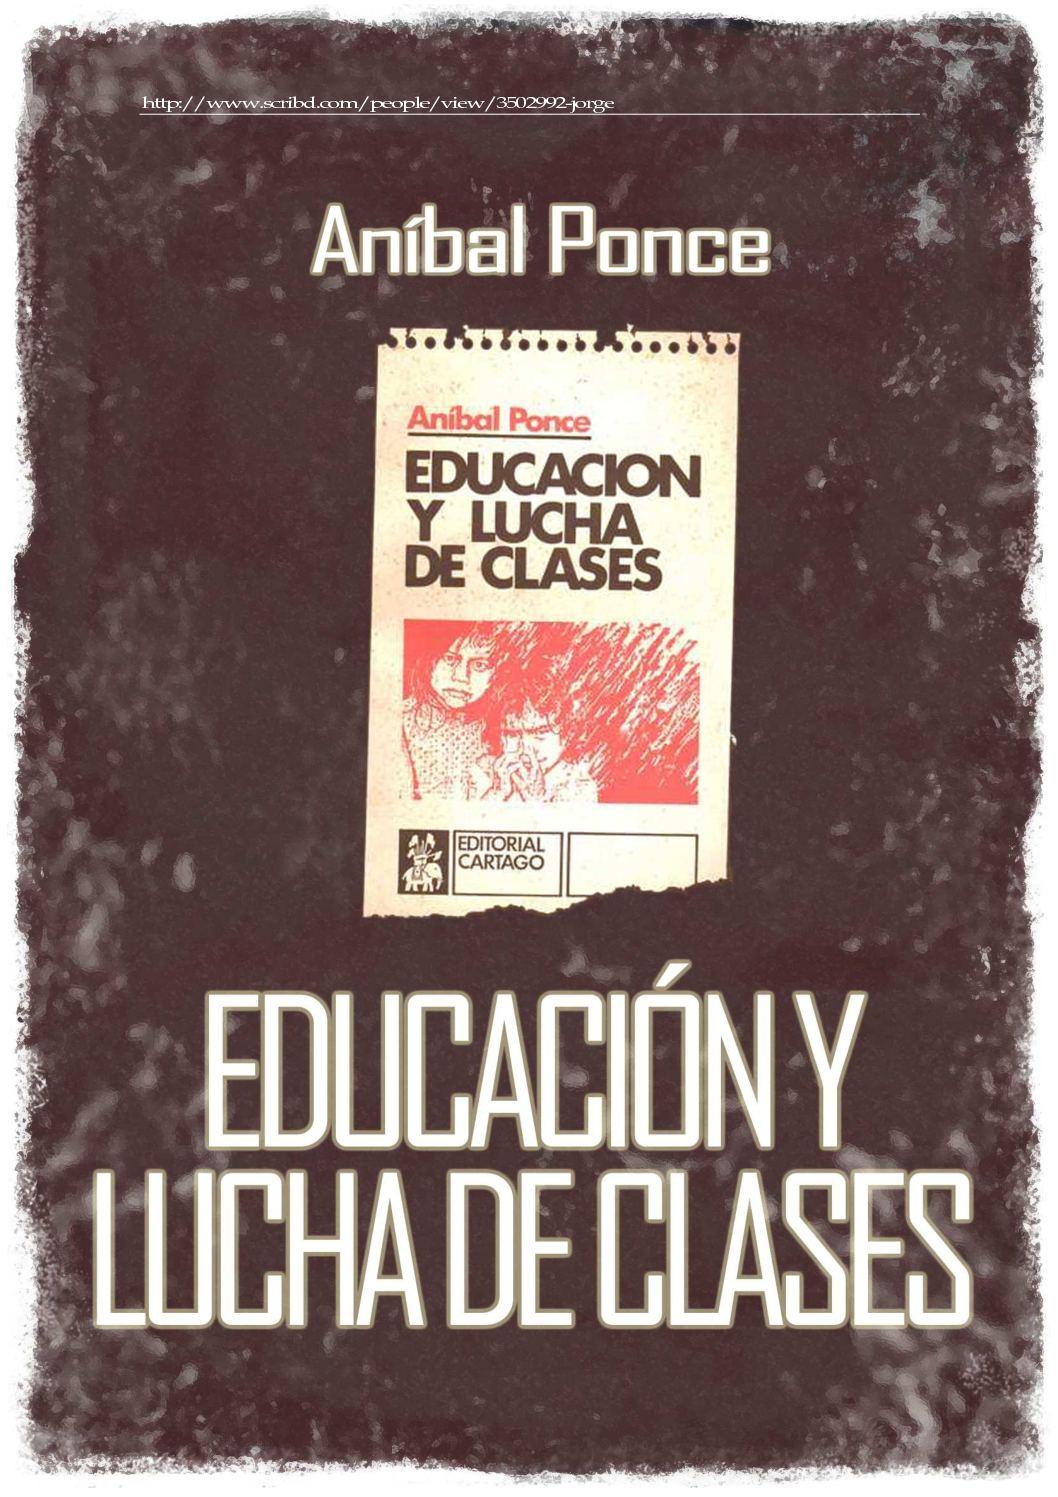 Calaméo - Anibal-Ponce-Educacion-y-lucha-de-clases-libro